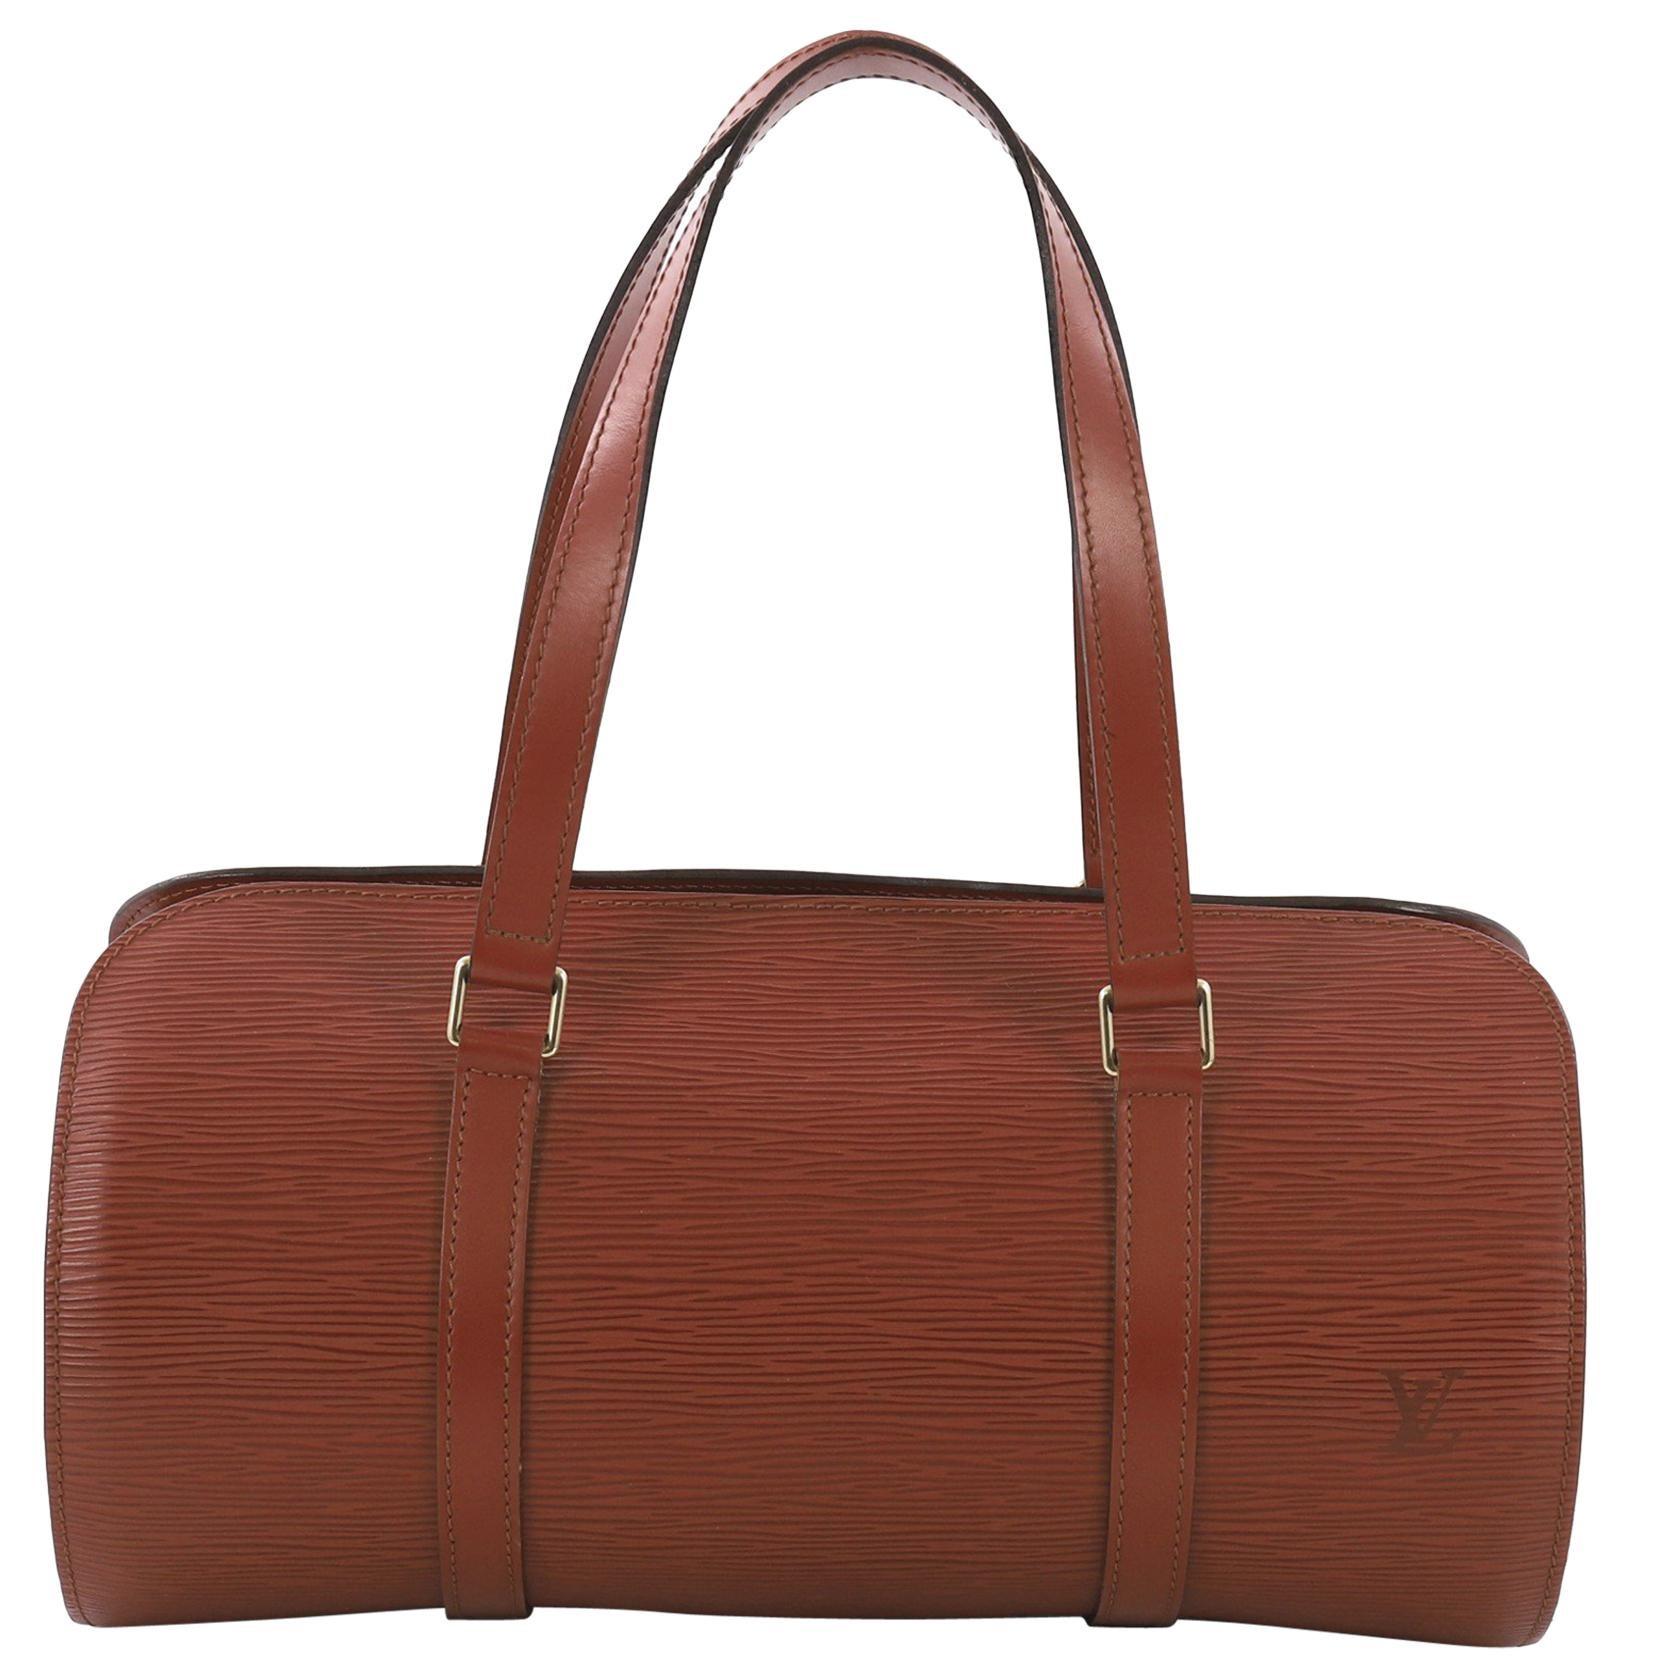 38f04f56fa18 Rebag Handbags and Purses - 1stdibs - Page 27